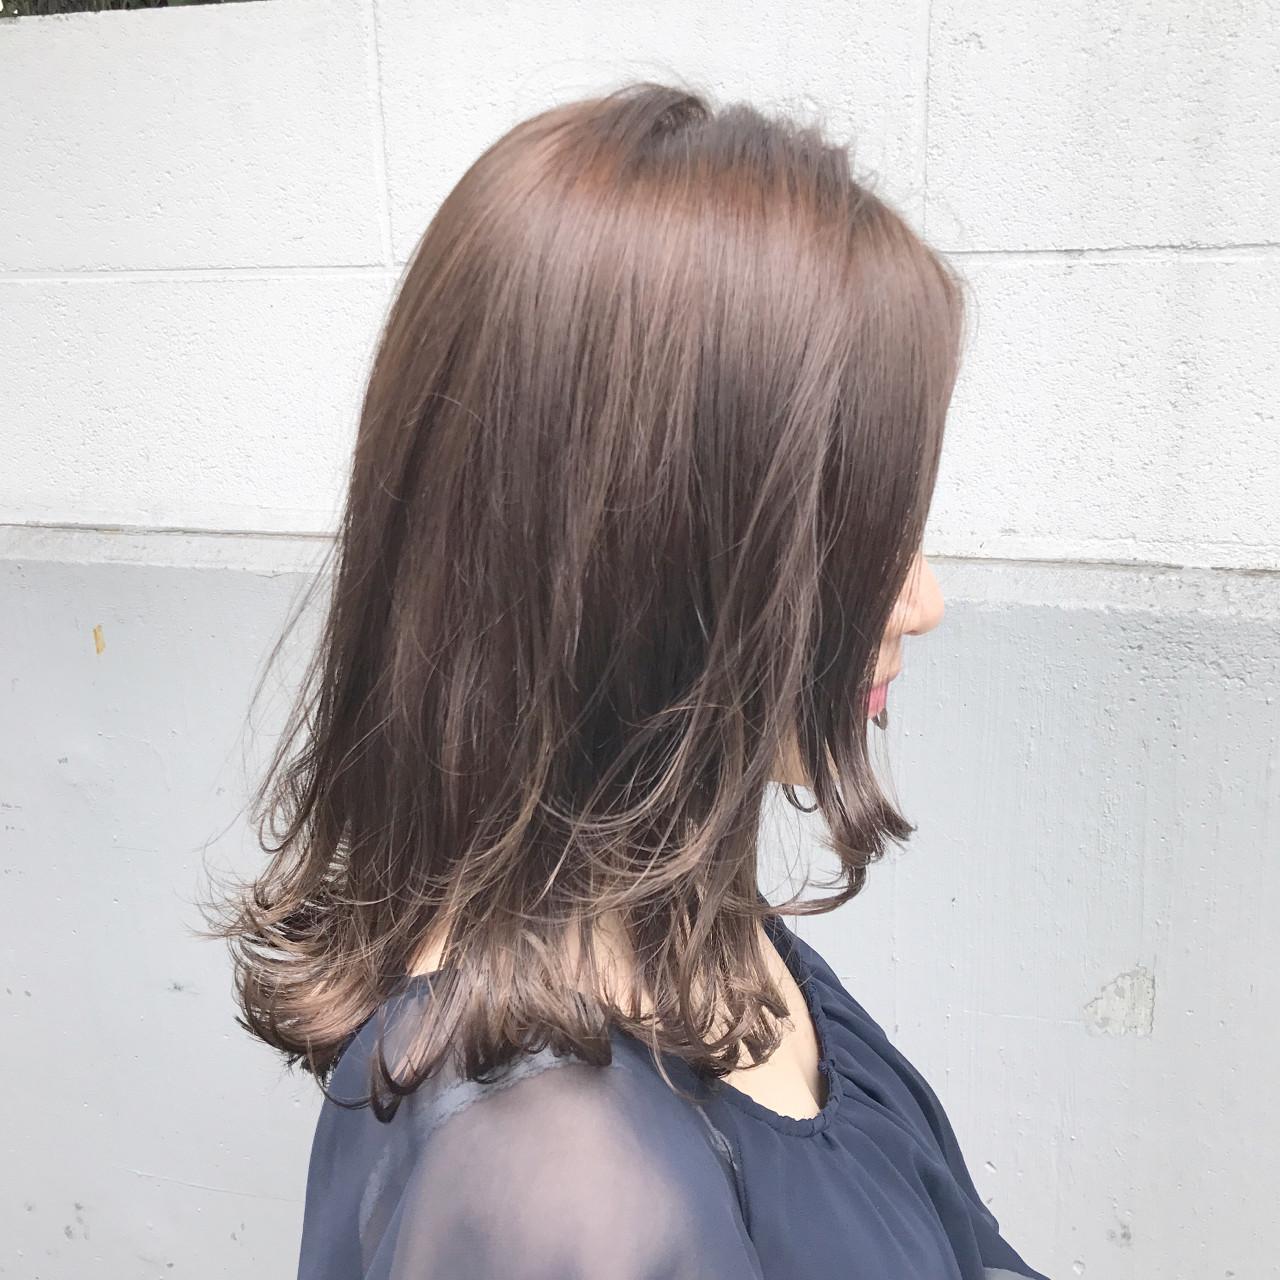 オフィス ミルクティー ボブ アッシュ ヘアスタイルや髪型の写真・画像